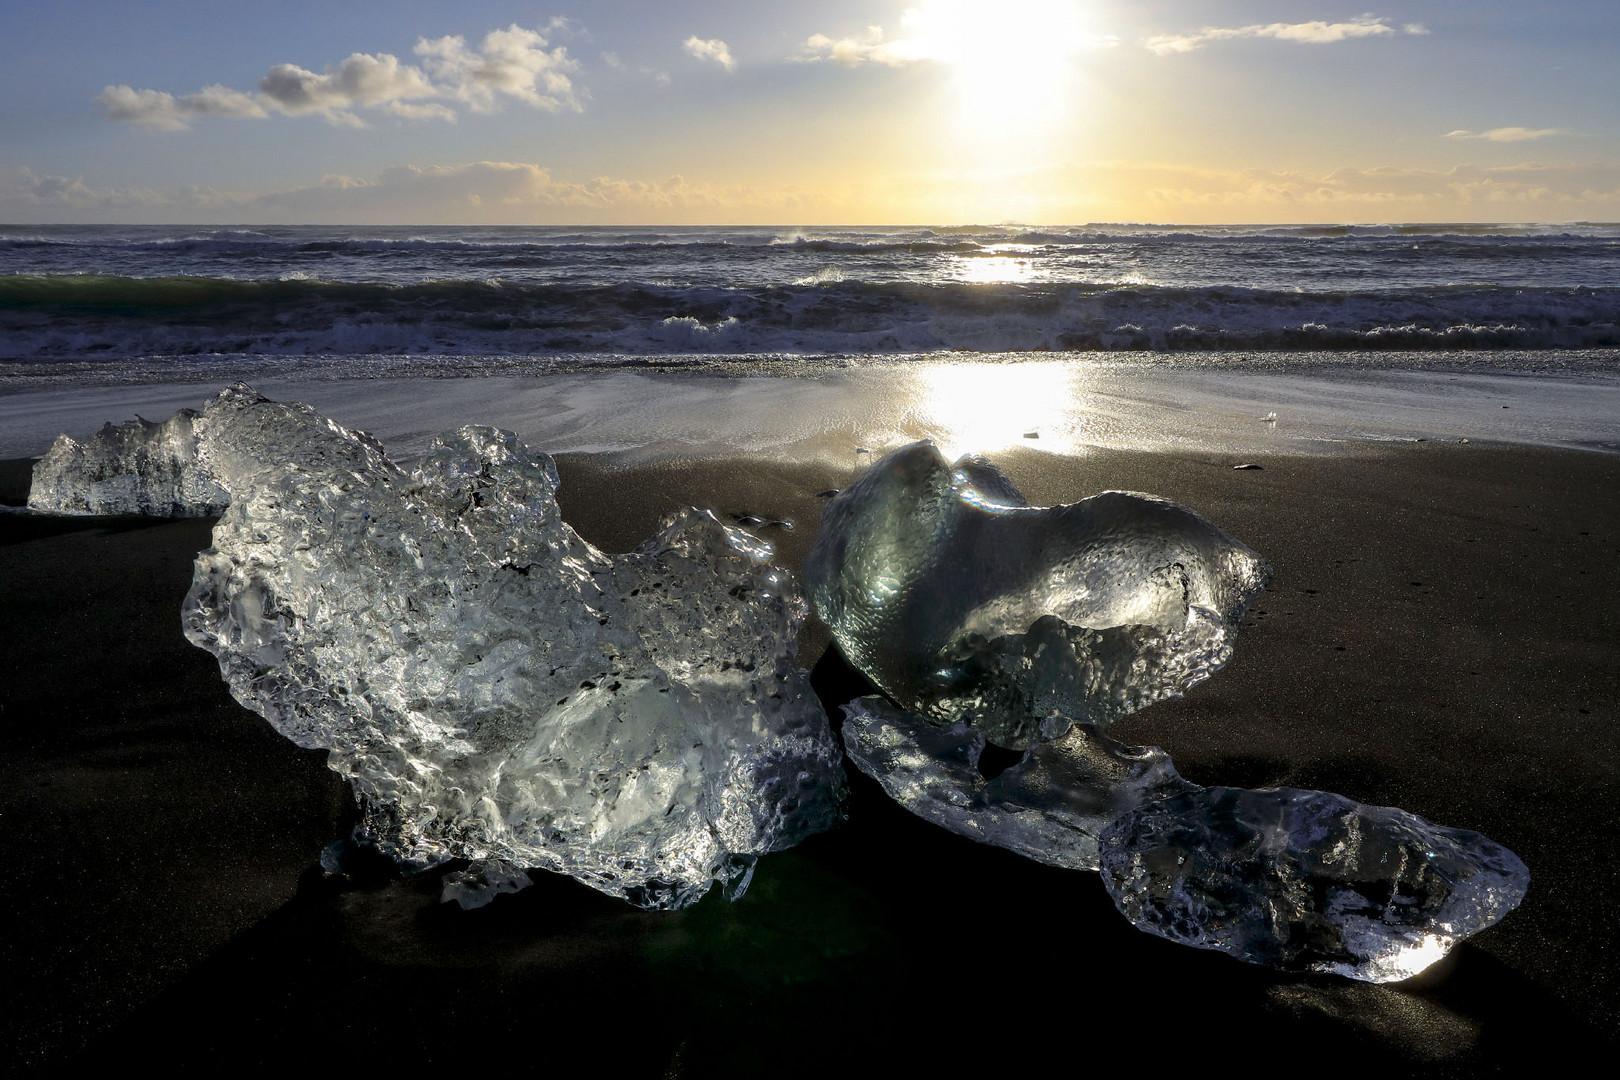 acqua con ghiaccio, grazie (2)